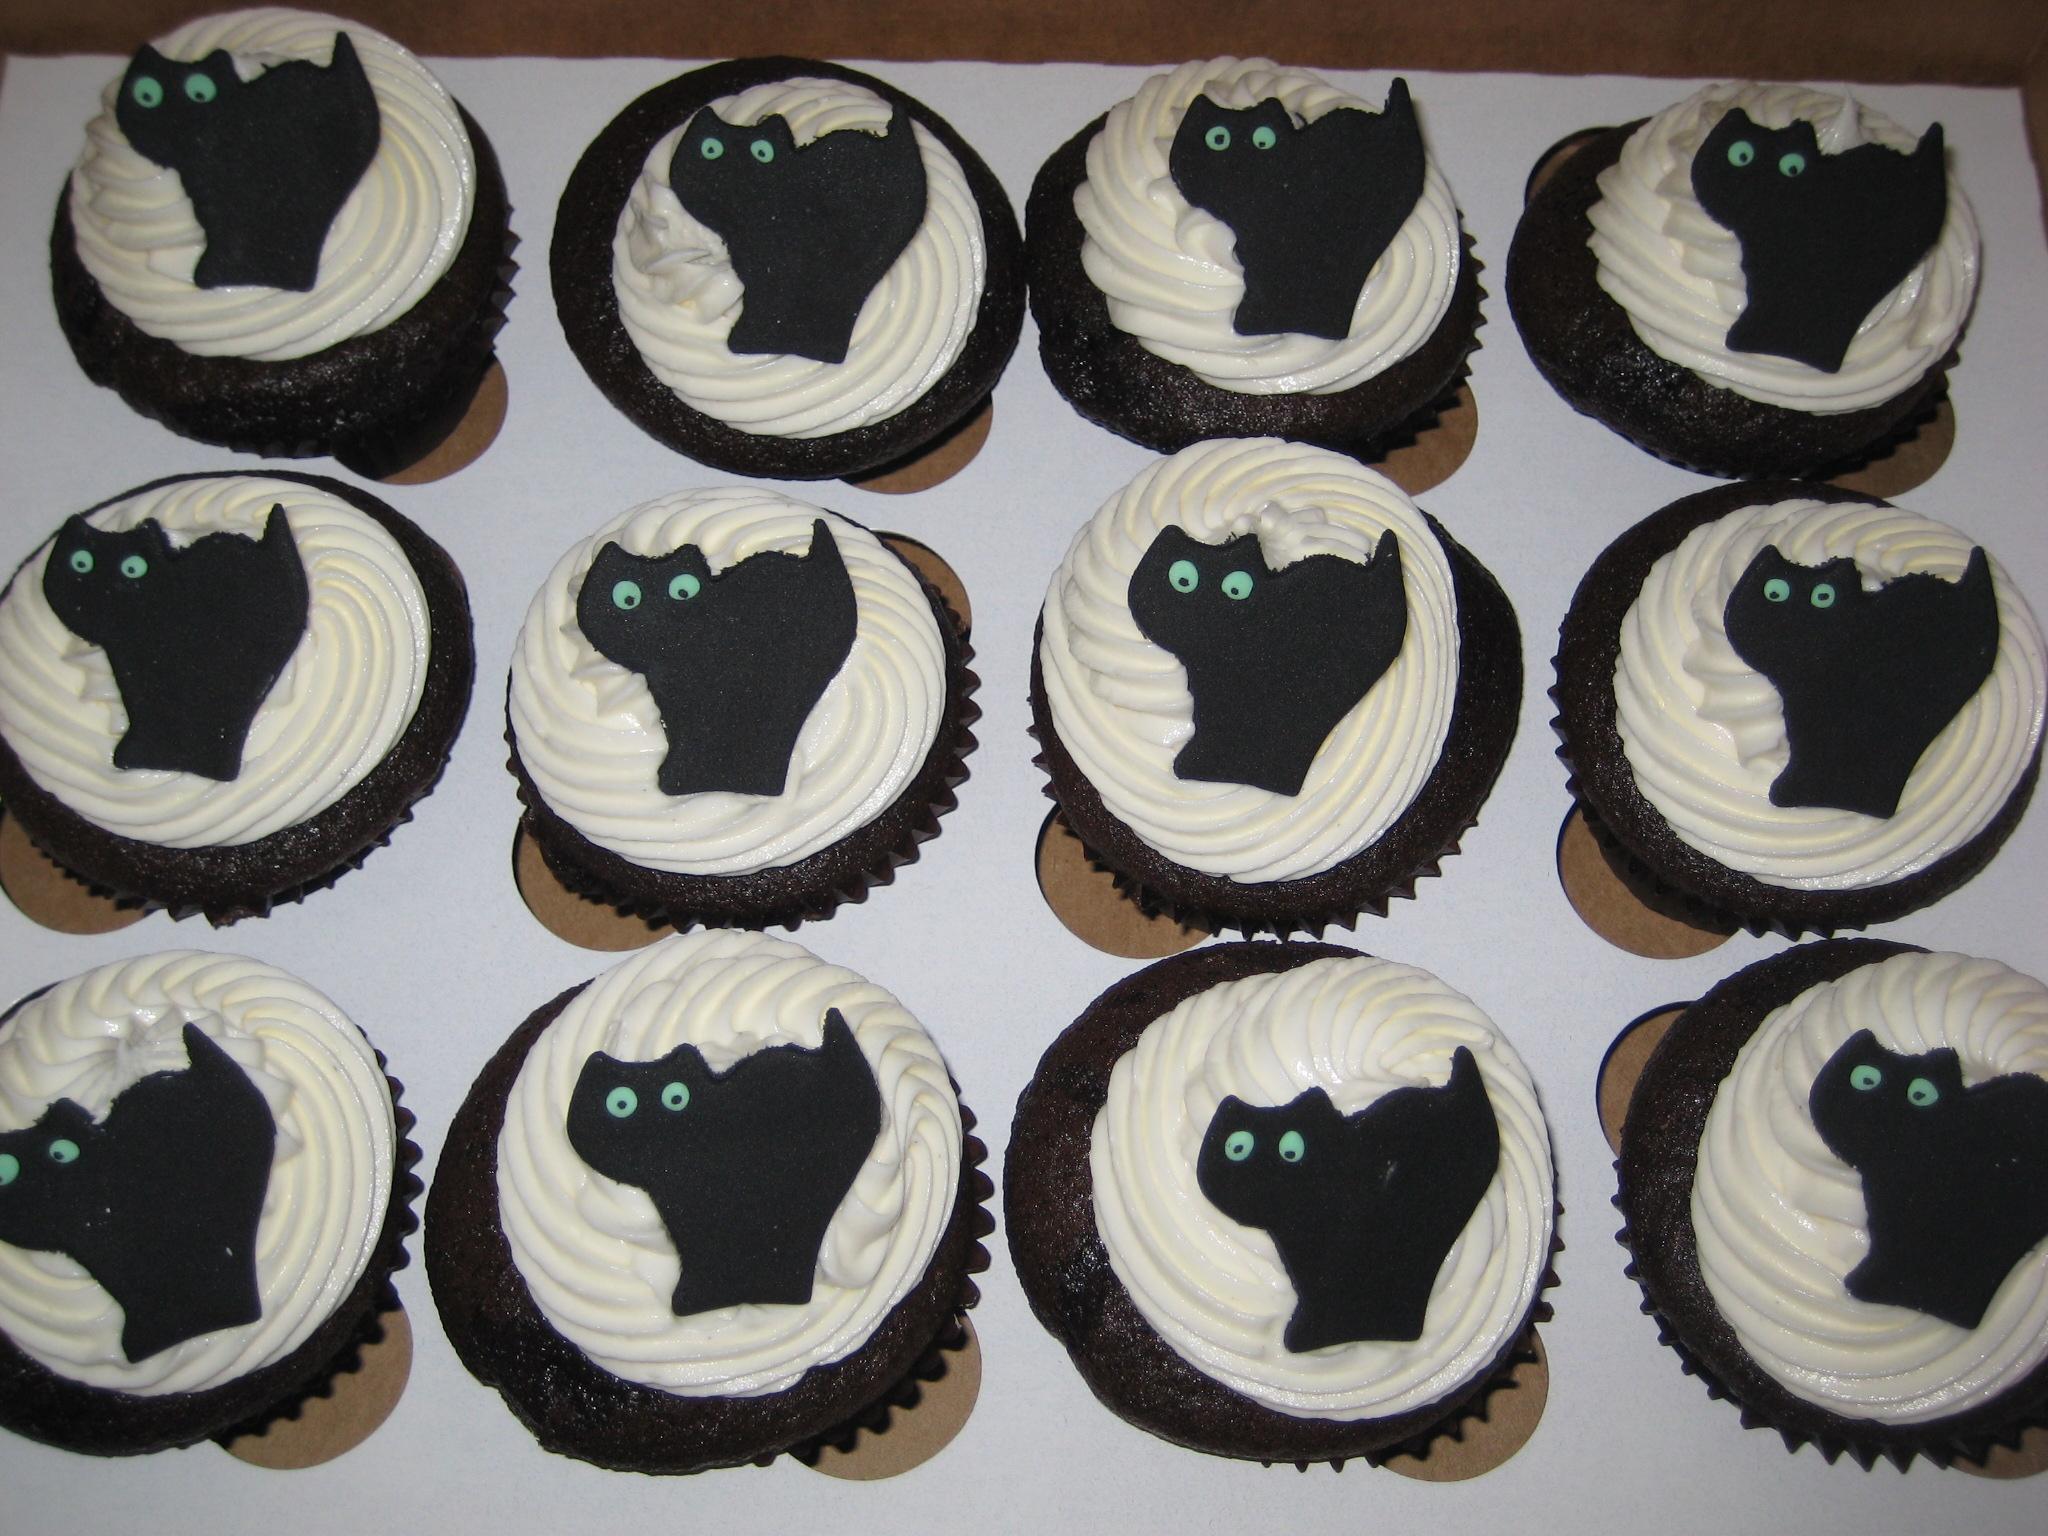 File:Black Cat Cupcakes.jpg